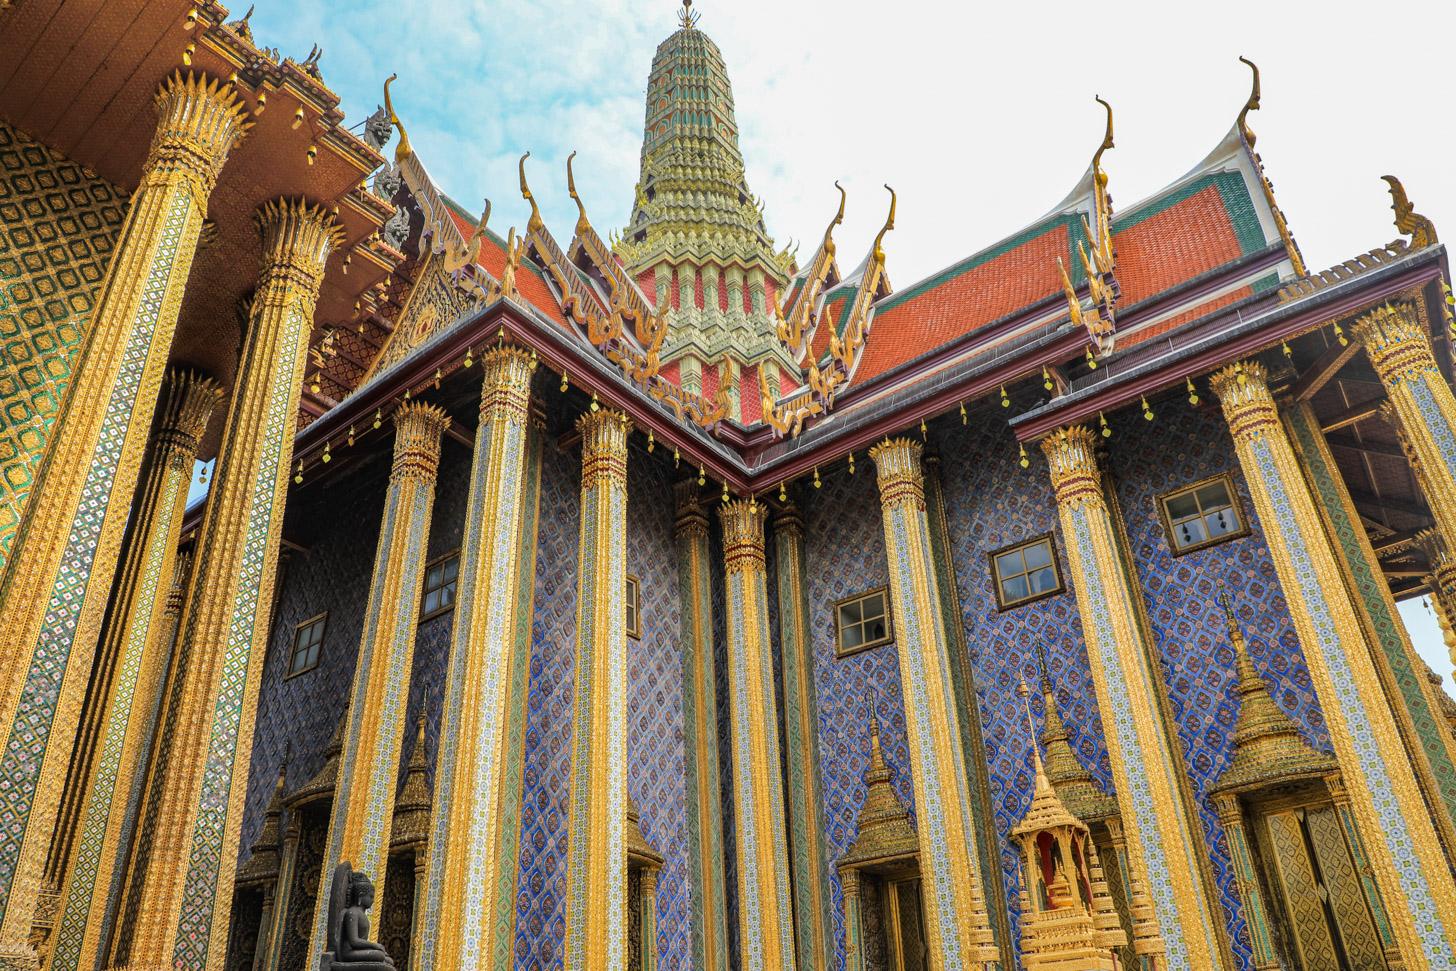 Grand Palace en Wat Phra Kaew